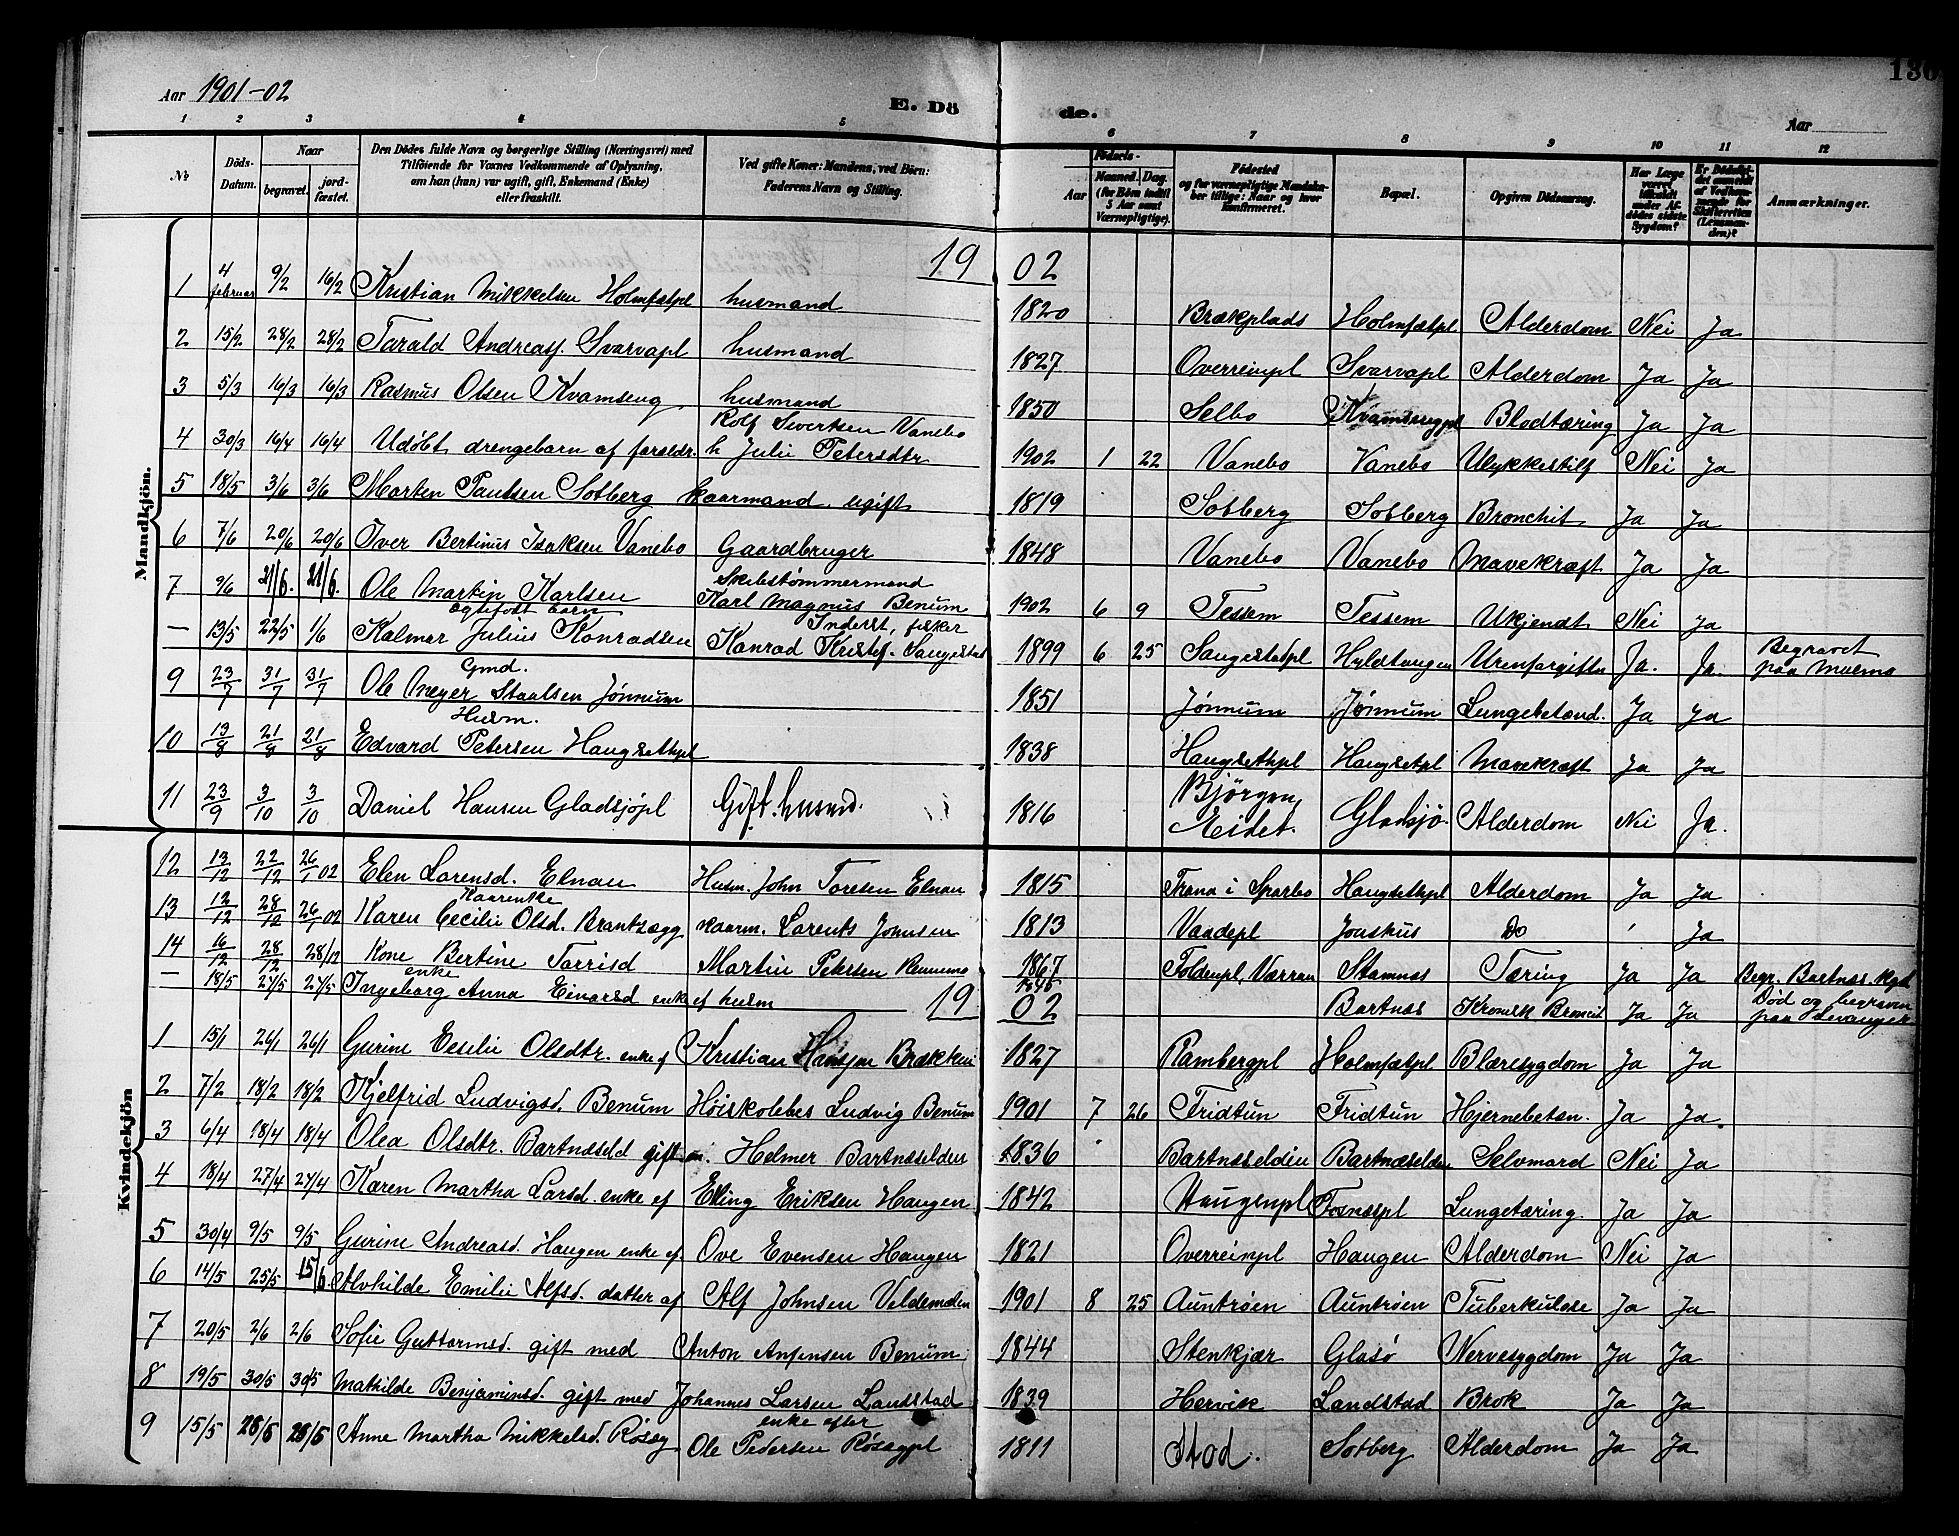 SAT, Ministerialprotokoller, klokkerbøker og fødselsregistre - Nord-Trøndelag, 741/L0401: Klokkerbok nr. 741C02, 1899-1911, s. 136